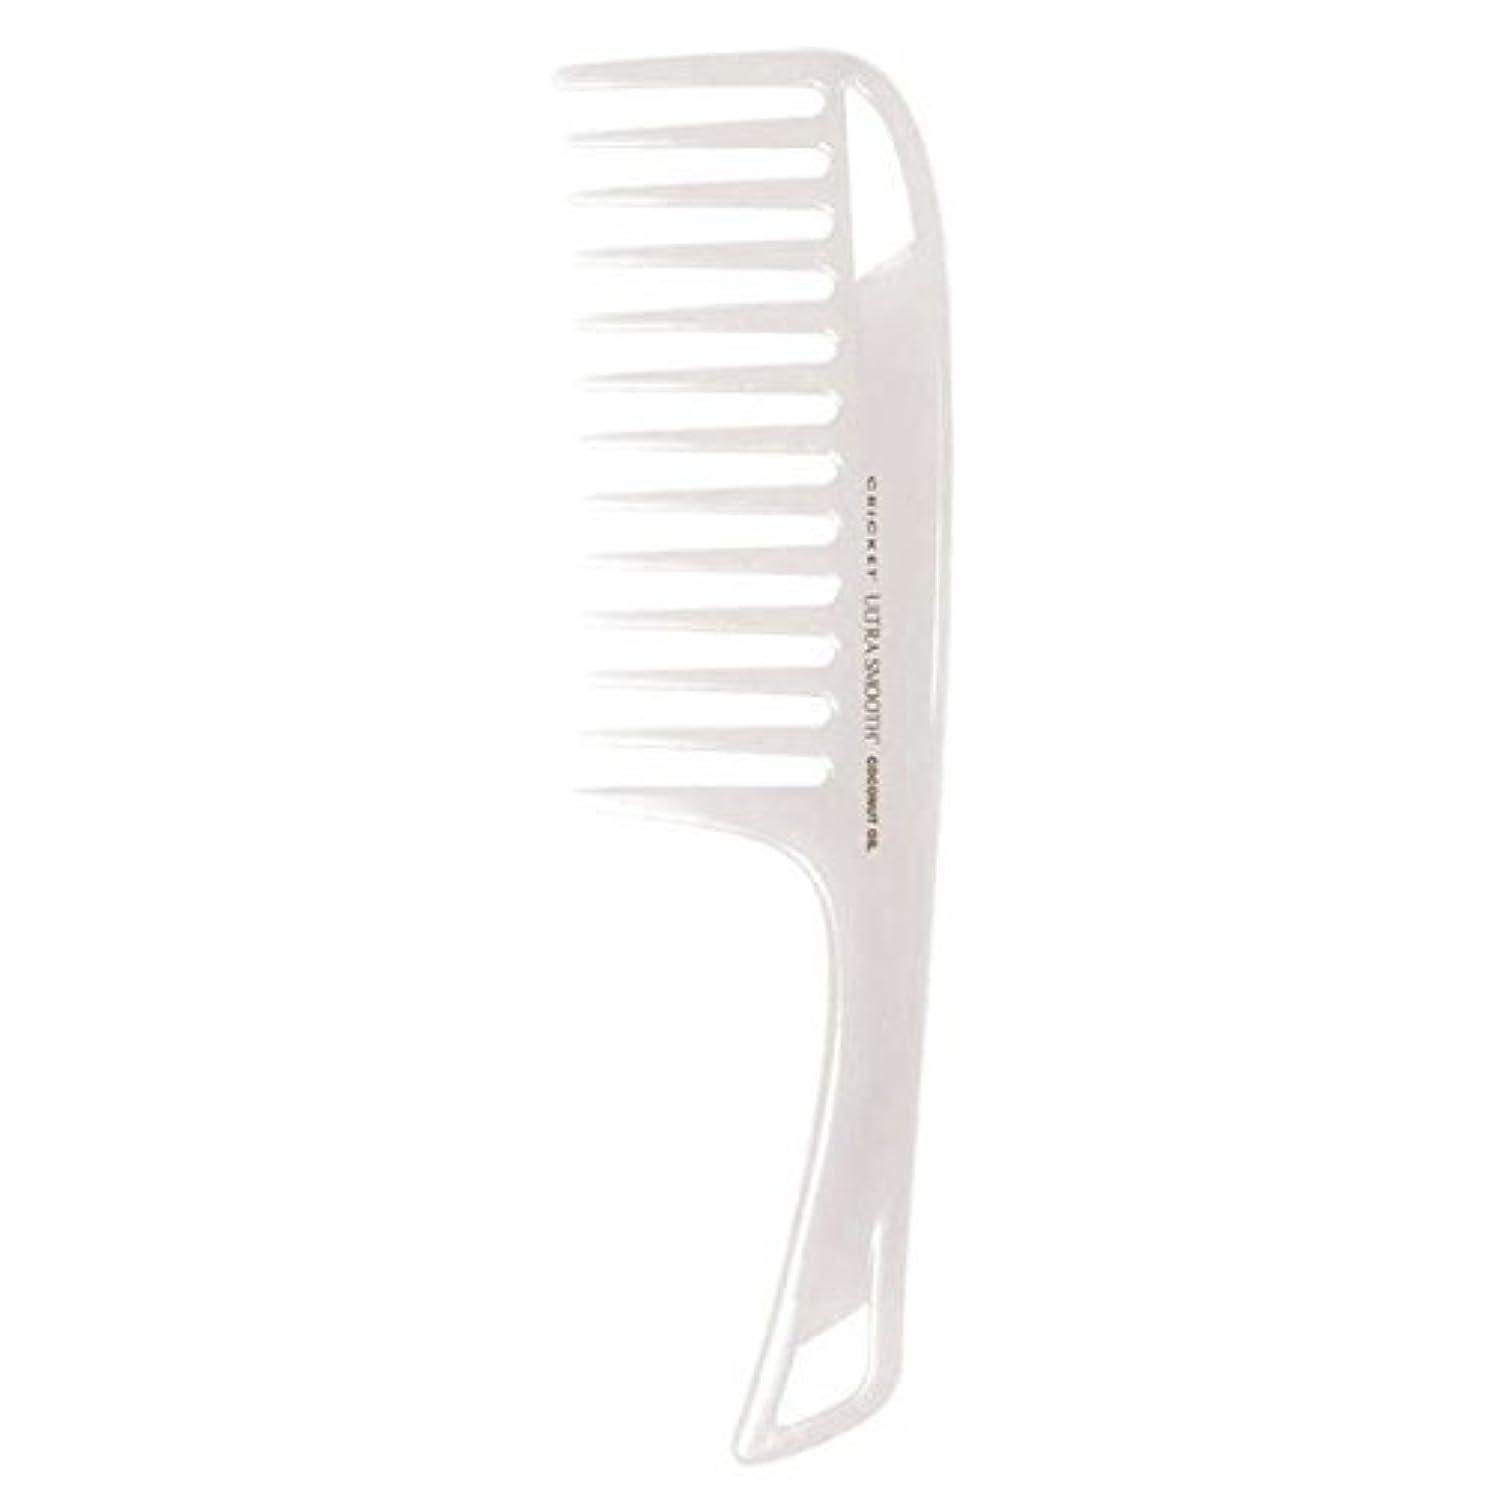 ファウル法的シャープCricket Ultra Smooth Coconut Detangler Comb [並行輸入品]